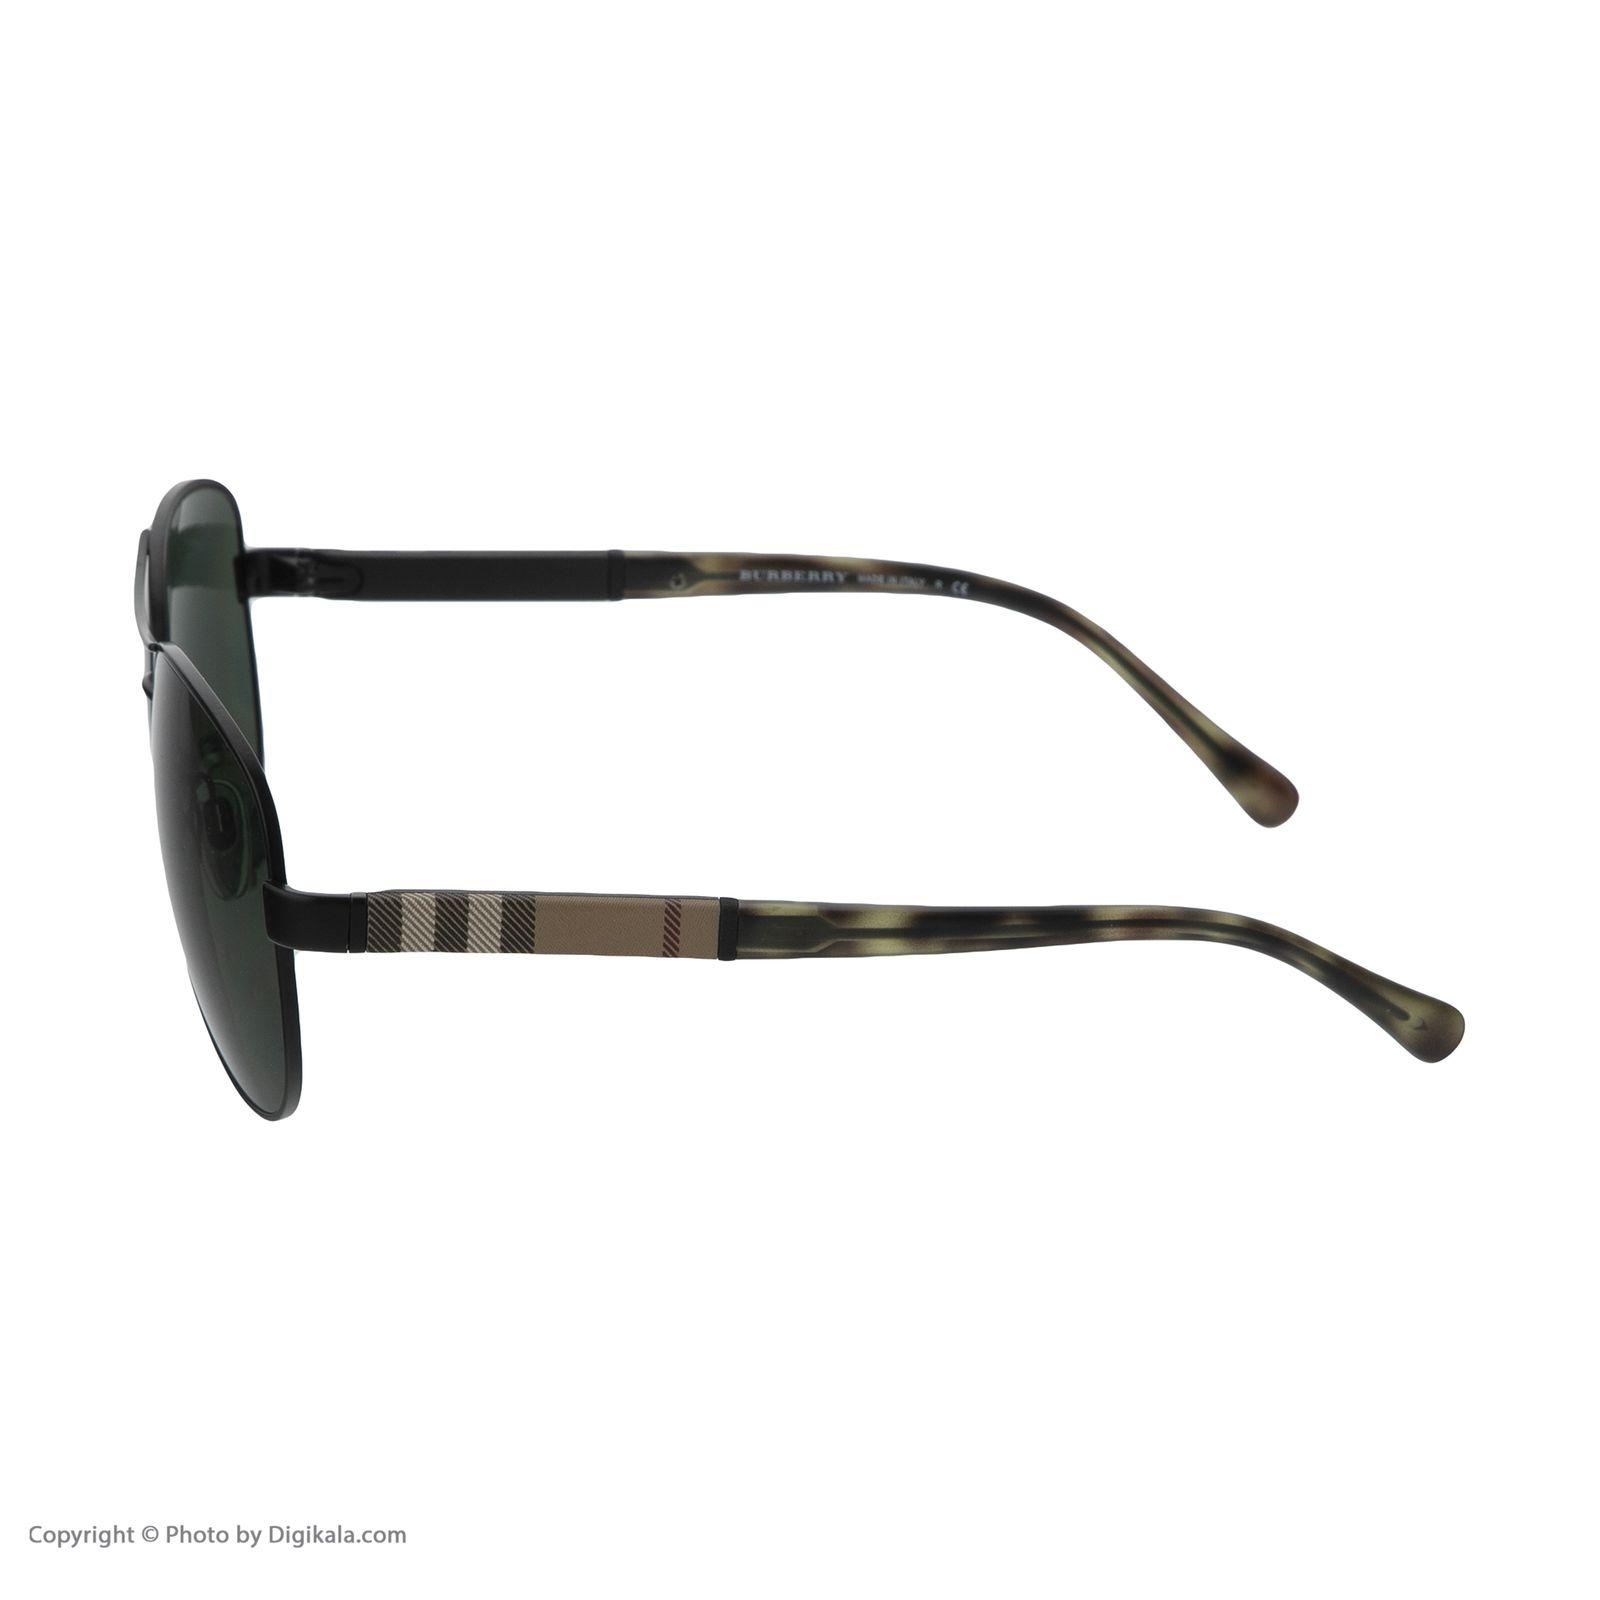 عینک آفتابی زنانه بربری مدل BE 3080S 123371 59 -  - 4